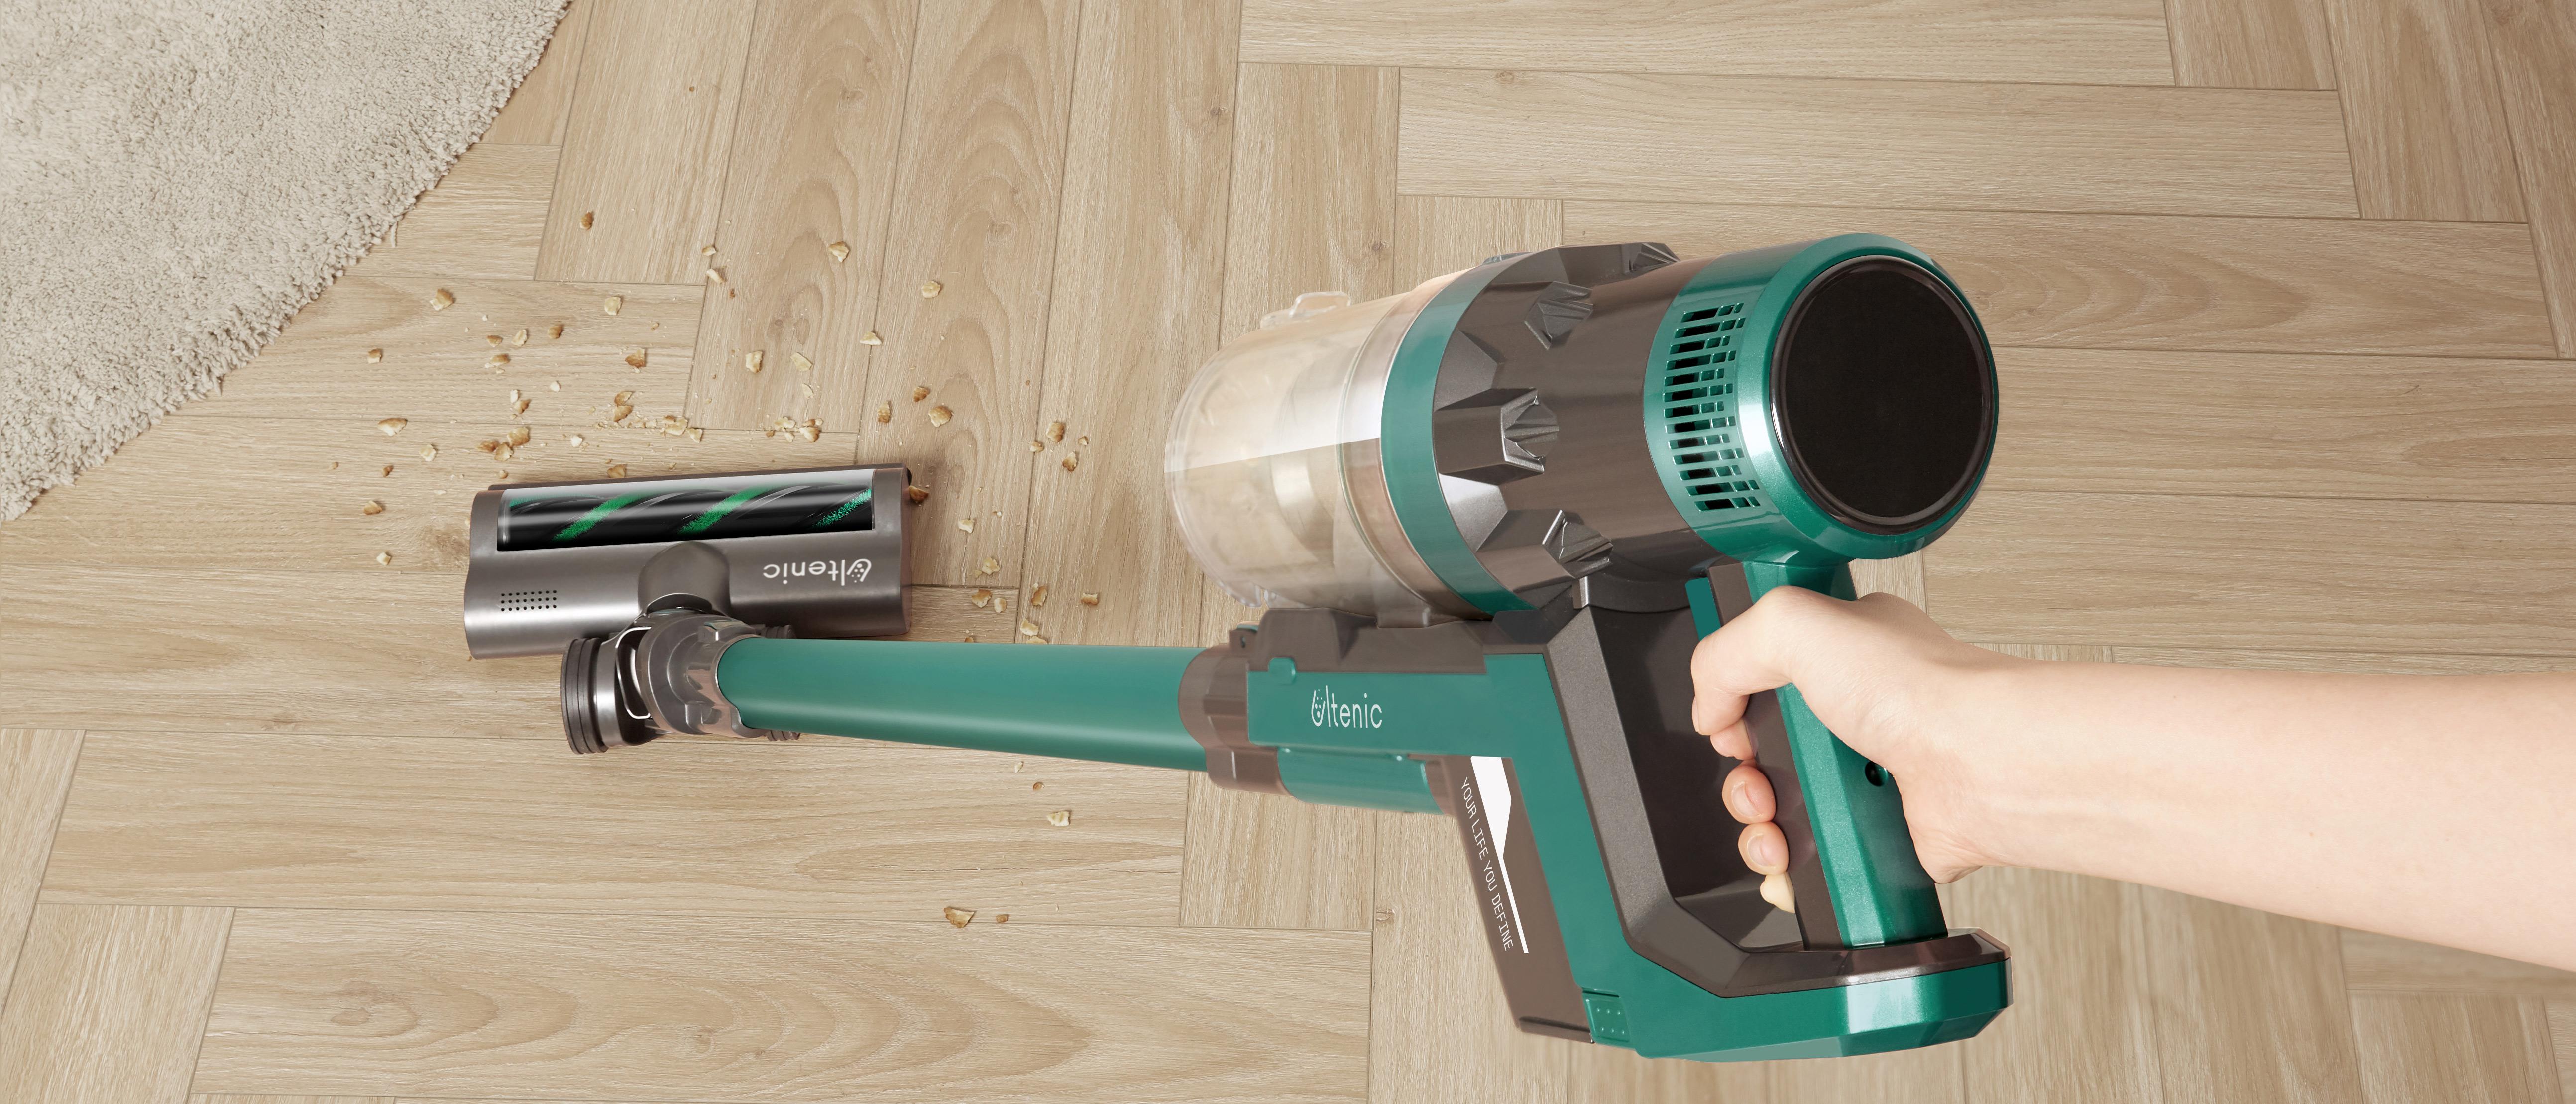 Ultenic U11 cordless vacuum cleaner